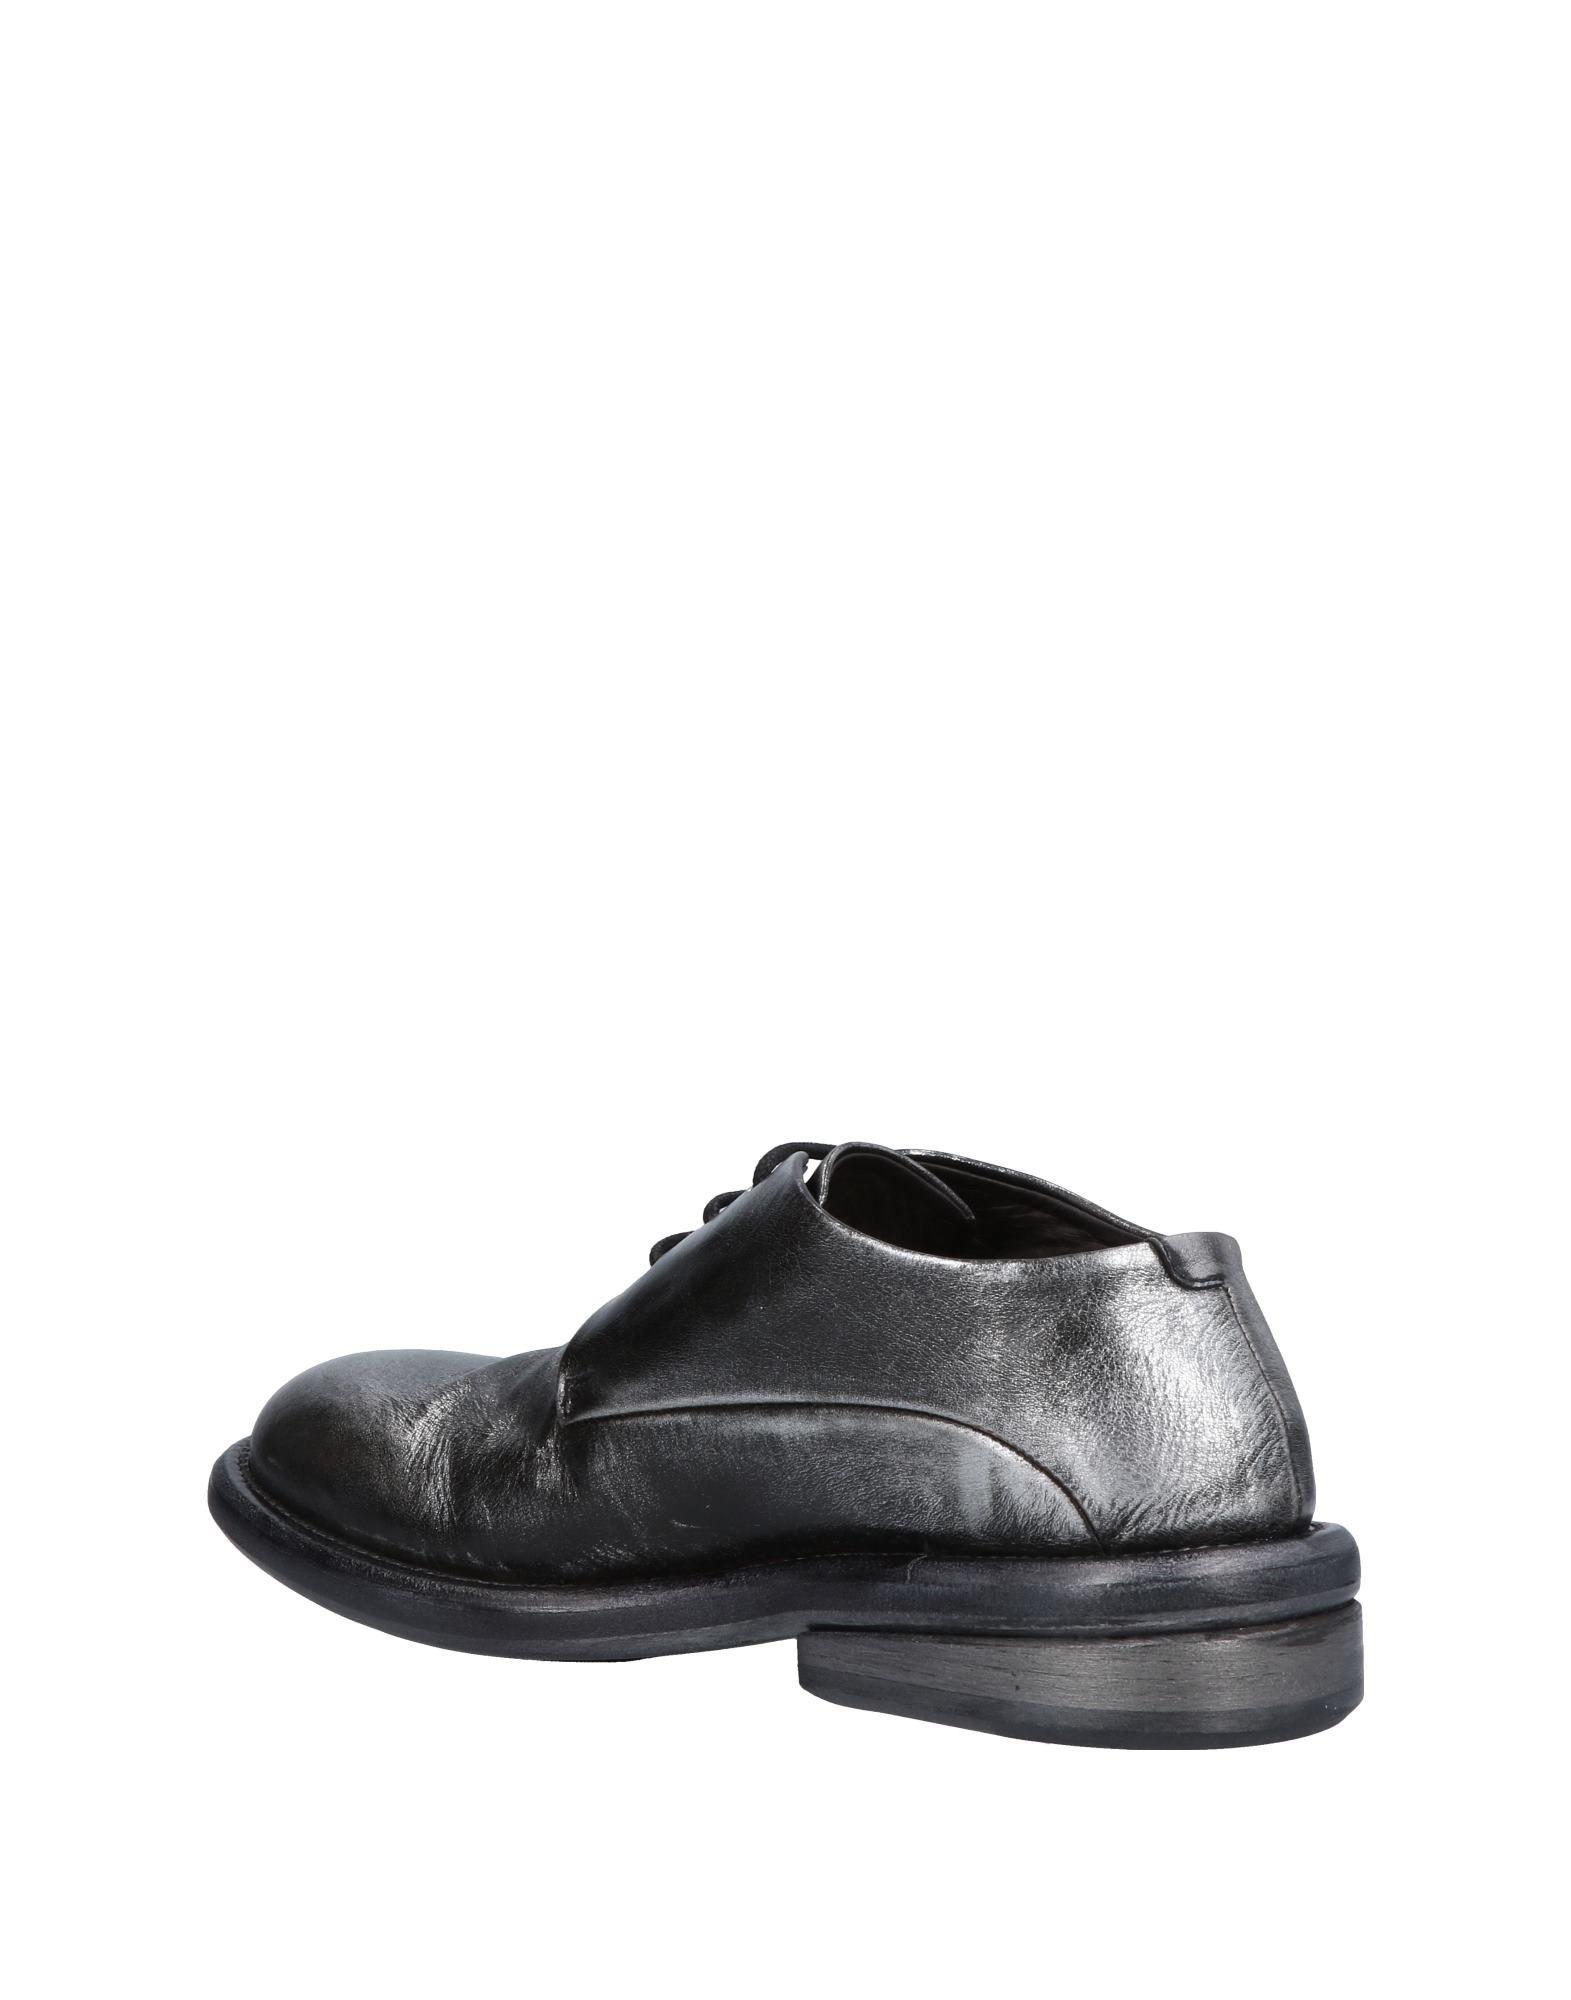 Marsèll Schnürschuhe aussehende Damen  11470652AQGünstige gut aussehende Schnürschuhe Schuhe 928227